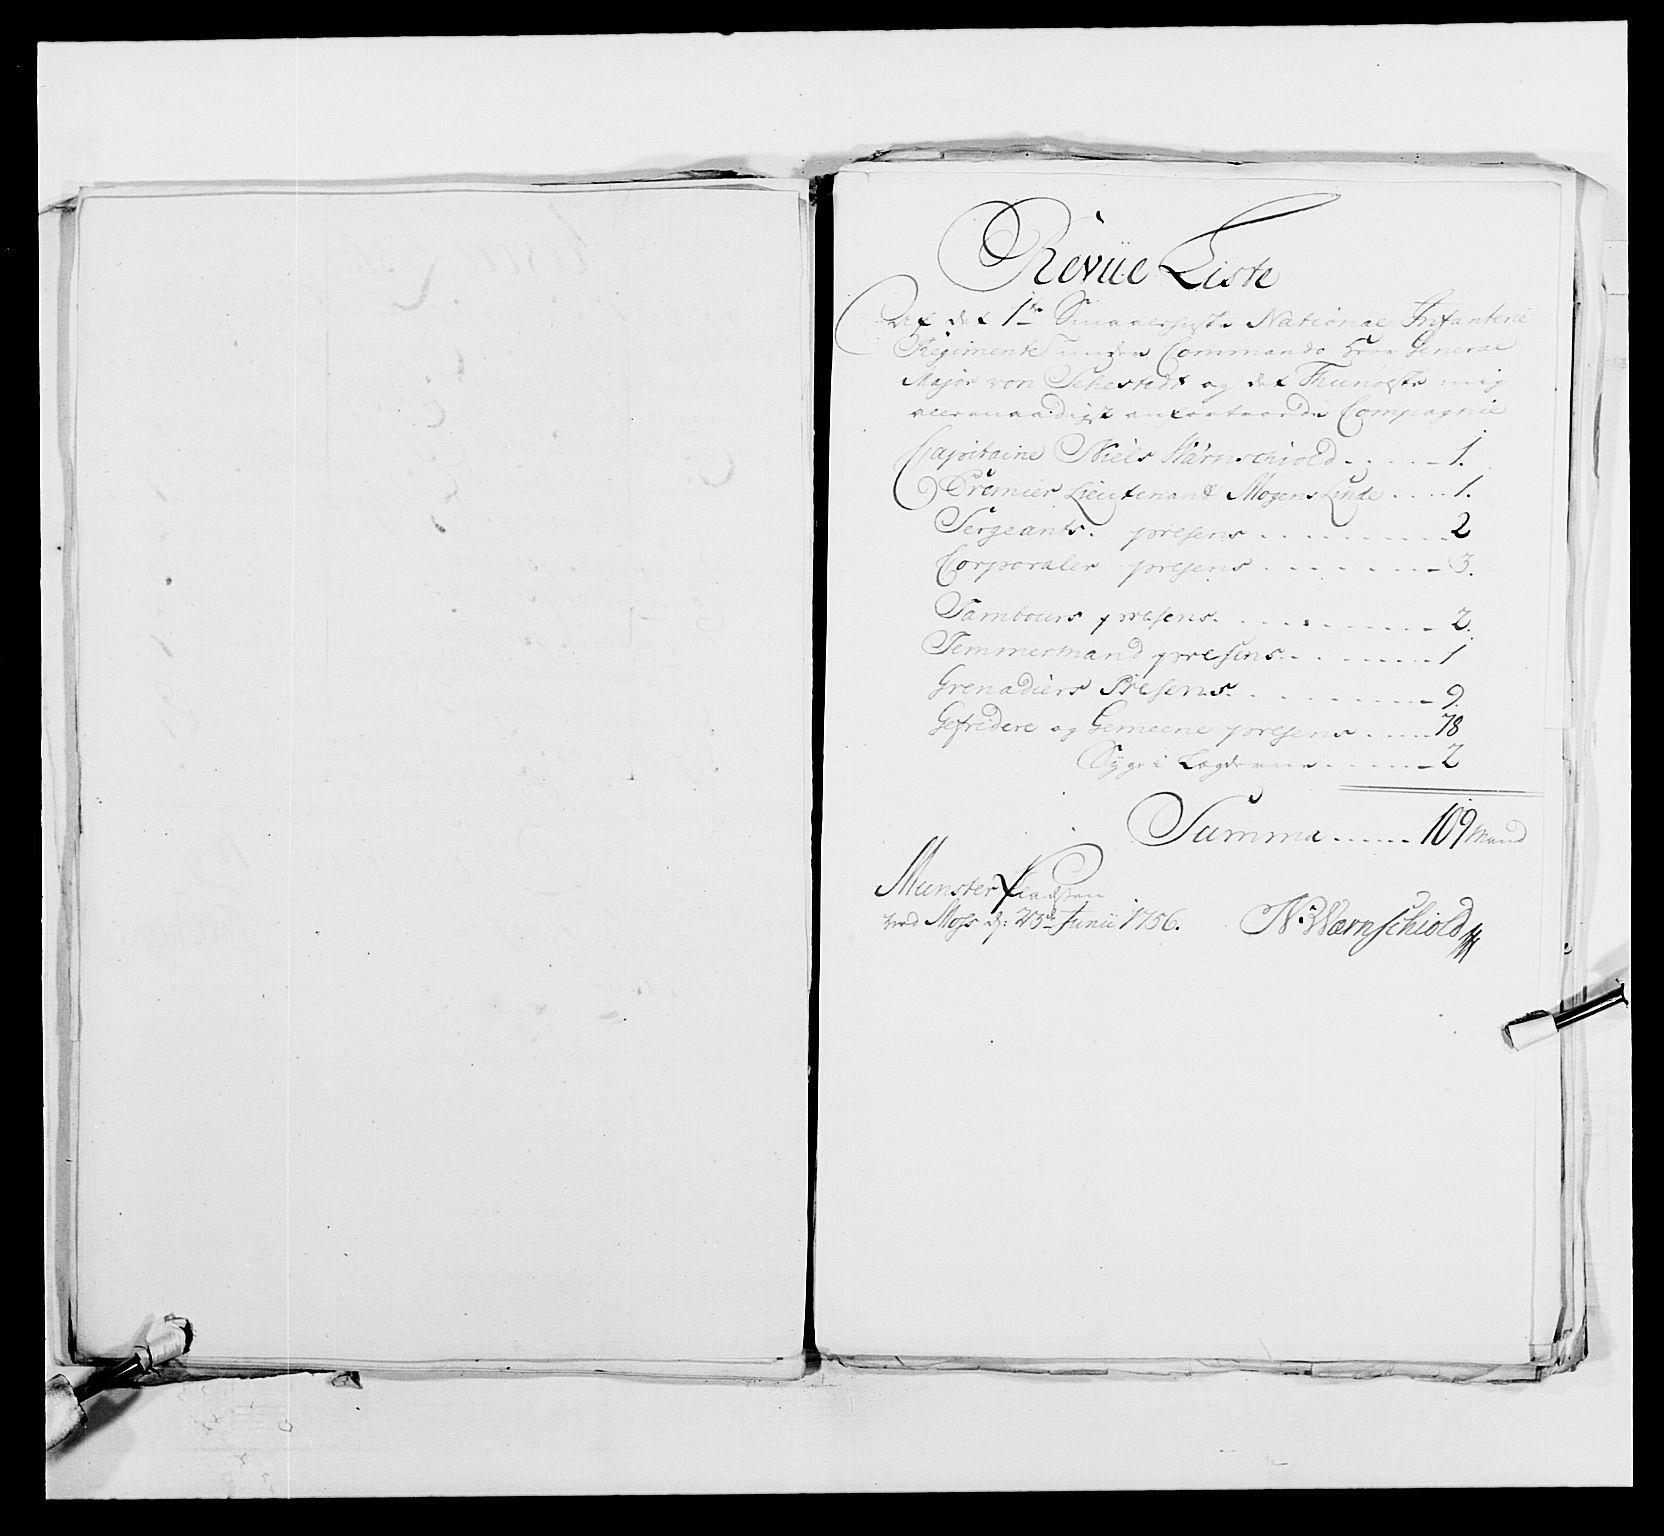 RA, Kommanderende general (KG I) med Det norske krigsdirektorium, E/Ea/L0495: 1. Smålenske regiment, 1732-1763, s. 610